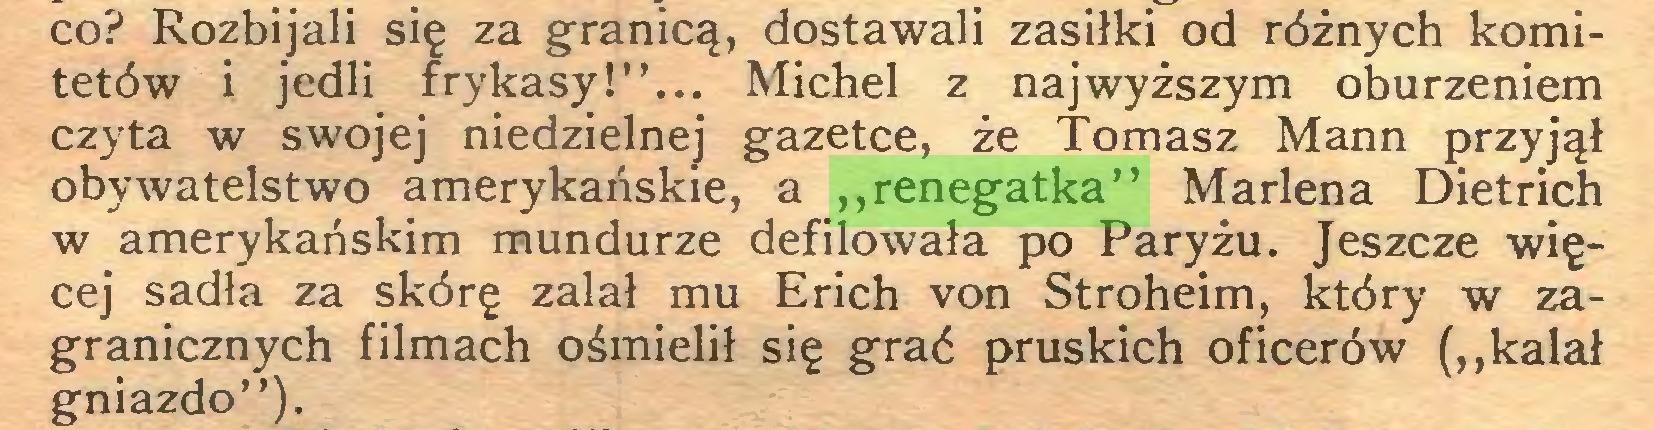 """(...) co? Rozbijali się za granicą, dostawali zasiłki od różnych komitetów i jedli frykasy!""""... Michel z najwyższym oburzeniem czyta w swojej niedzielnej gazetce, że Tomasz Mann przyjął obywatelstwo amerykańskie, a """"renegatka"""" Marlena Dietrich w amerykańskim mundurze defilowała po Paryżu. Jeszcze więcej sadła za skórę zalał mu Erich von Stroheim, który w zagranicznych filmach ośmielił się grać pruskich oficerów (""""kalał gniazdo"""")..."""